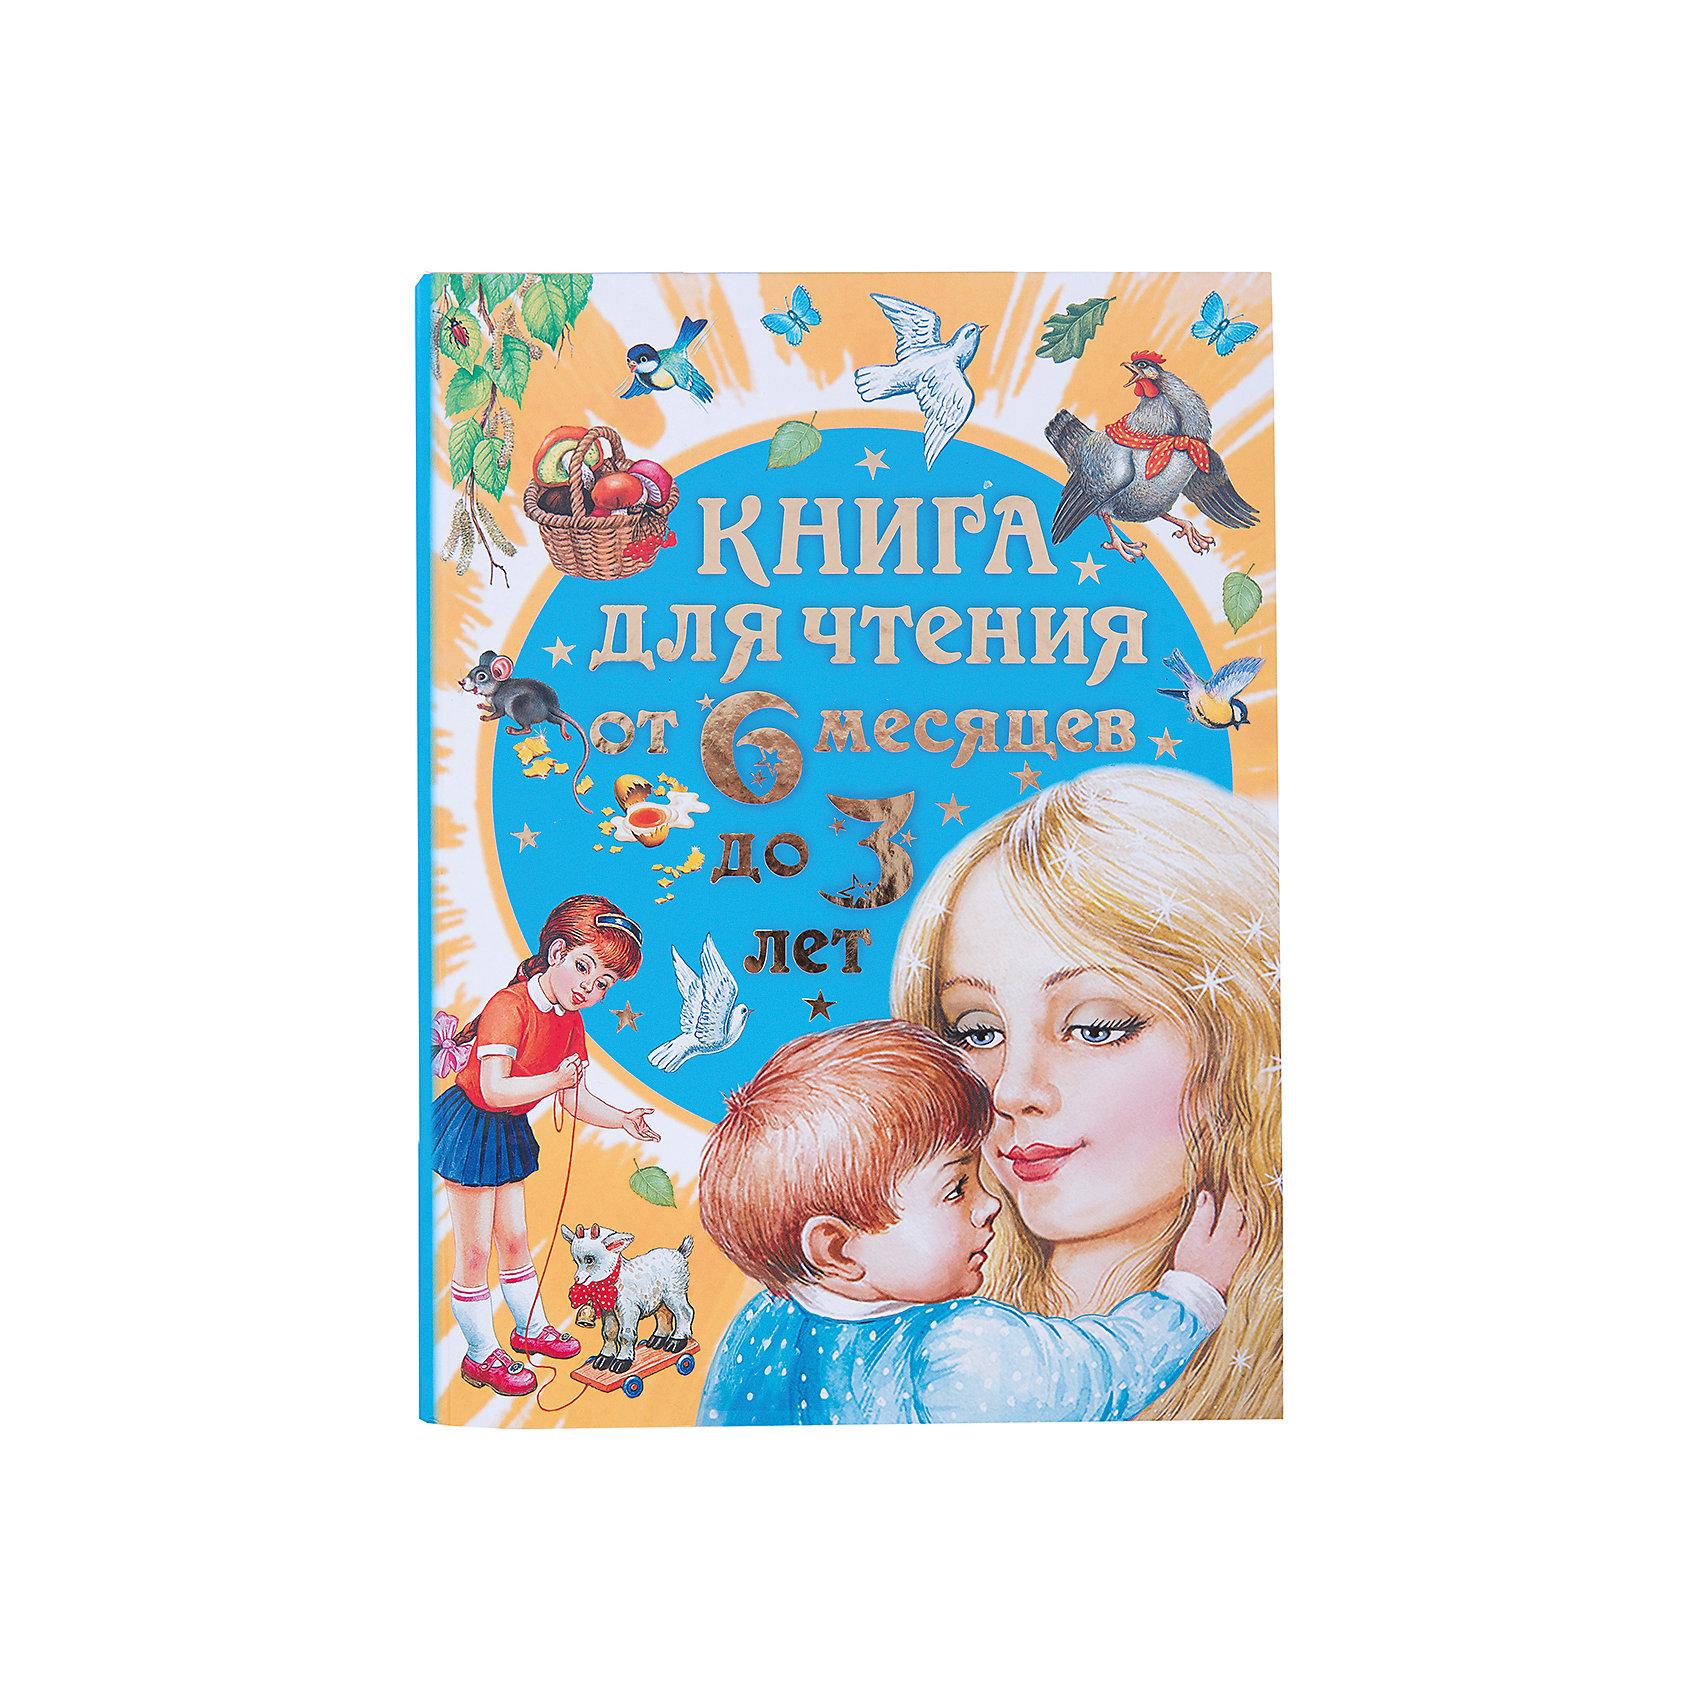 Книга для чтения от 6 месяцев до 3 летМАЛЫШ<br>Книга для чтения детям от 6 месяцев до 3-х лет познакомит вашего малыша с веселыми русскими народными песенками и прекрасными сказками русских писателей. Это сборник классических сказок про репку, Машу и медведя, Петушка, золотого гребешка и других, а также в сборнике есть все необходимые песенки про ладушки у бабушки, сороку, которая варила кашу и двух гусей, живущих у бабуси.  Малыш услышит свои первые  стихотворения из цикла игрушки А. Барто, и о зверятах автора Е. Серовой, их так легко учить и они сразу понравятся! Сказки о зверях, написанные Л.Н. Толстым и В. Бианки увлекут малыша в историю и он отвлечется от любых капризов.<br>- год выпуска: 2016<br>- количество страниц: 142<br>- формат: 29 * 21,5 * 1,7 см.<br>- переплет: твердый<br>- вес: 920 гр.<br><br>Книгу для чтения детям от 6 месяцев до 3-х лет можно купить в нашем интернет - магазине.<br>Подробнее:<br>• ISBN: 9785170953943<br>• Для детей в возрасте: от 6 месяцев до 3 лет<br>• Номер товара: 4902173<br>Страна производитель: Российская Федерация<br><br>Ширина мм: 20<br>Глубина мм: 210<br>Высота мм: 280<br>Вес г: 920<br>Возраст от месяцев: 0<br>Возраст до месяцев: 36<br>Пол: Унисекс<br>Возраст: Детский<br>SKU: 4902173